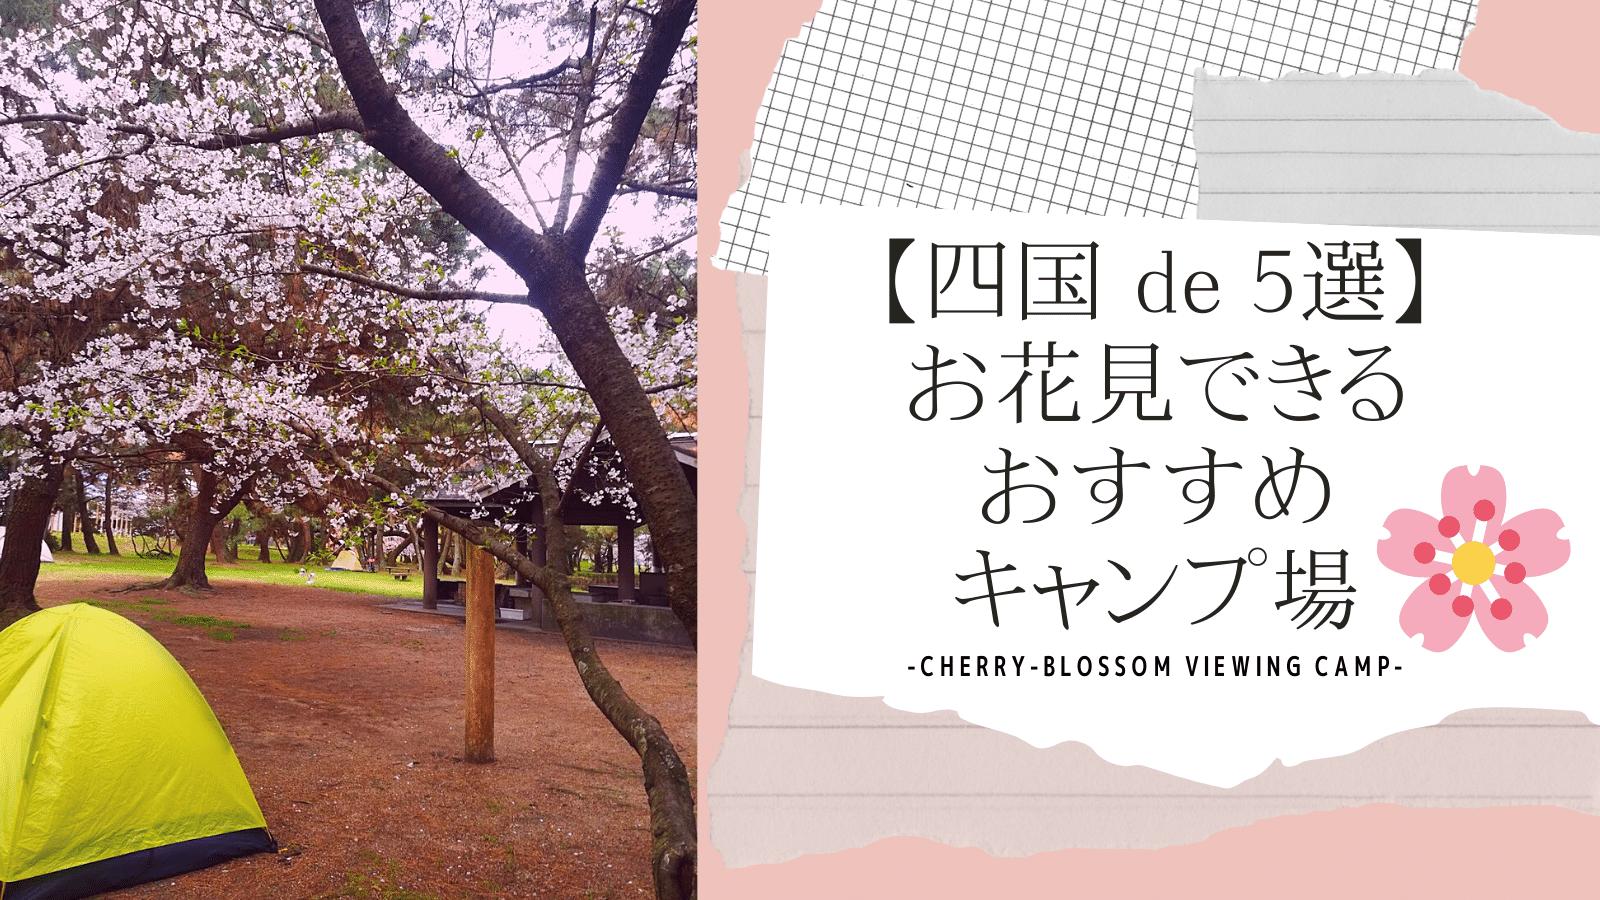 【四国 de 5選】 お花見できる おすすめ キャンプ場